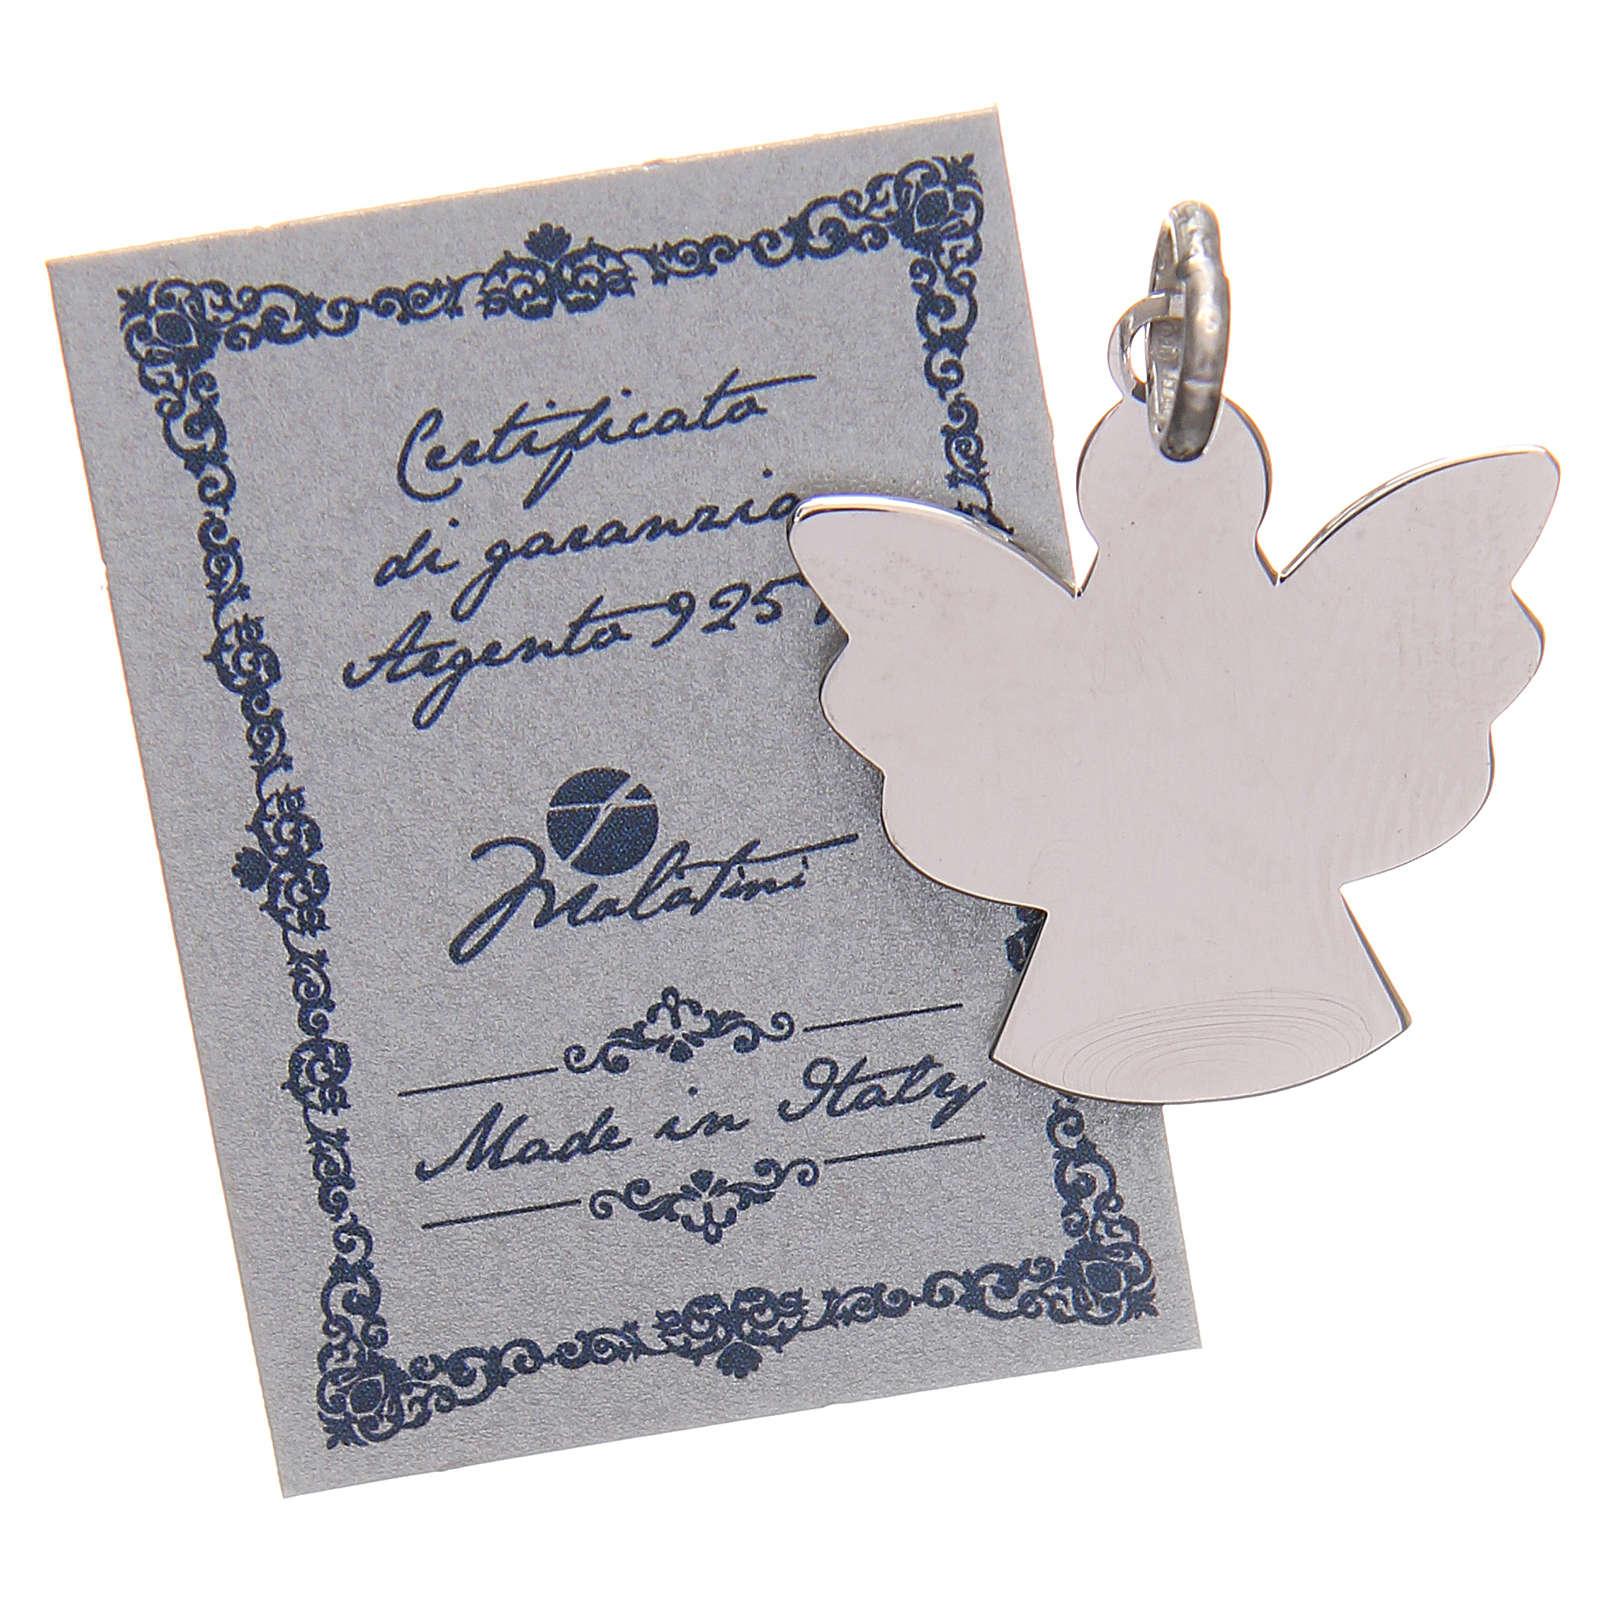 Ciondolo angelo argento 925 con preghiera angelo di Dio 2,2 cm 4